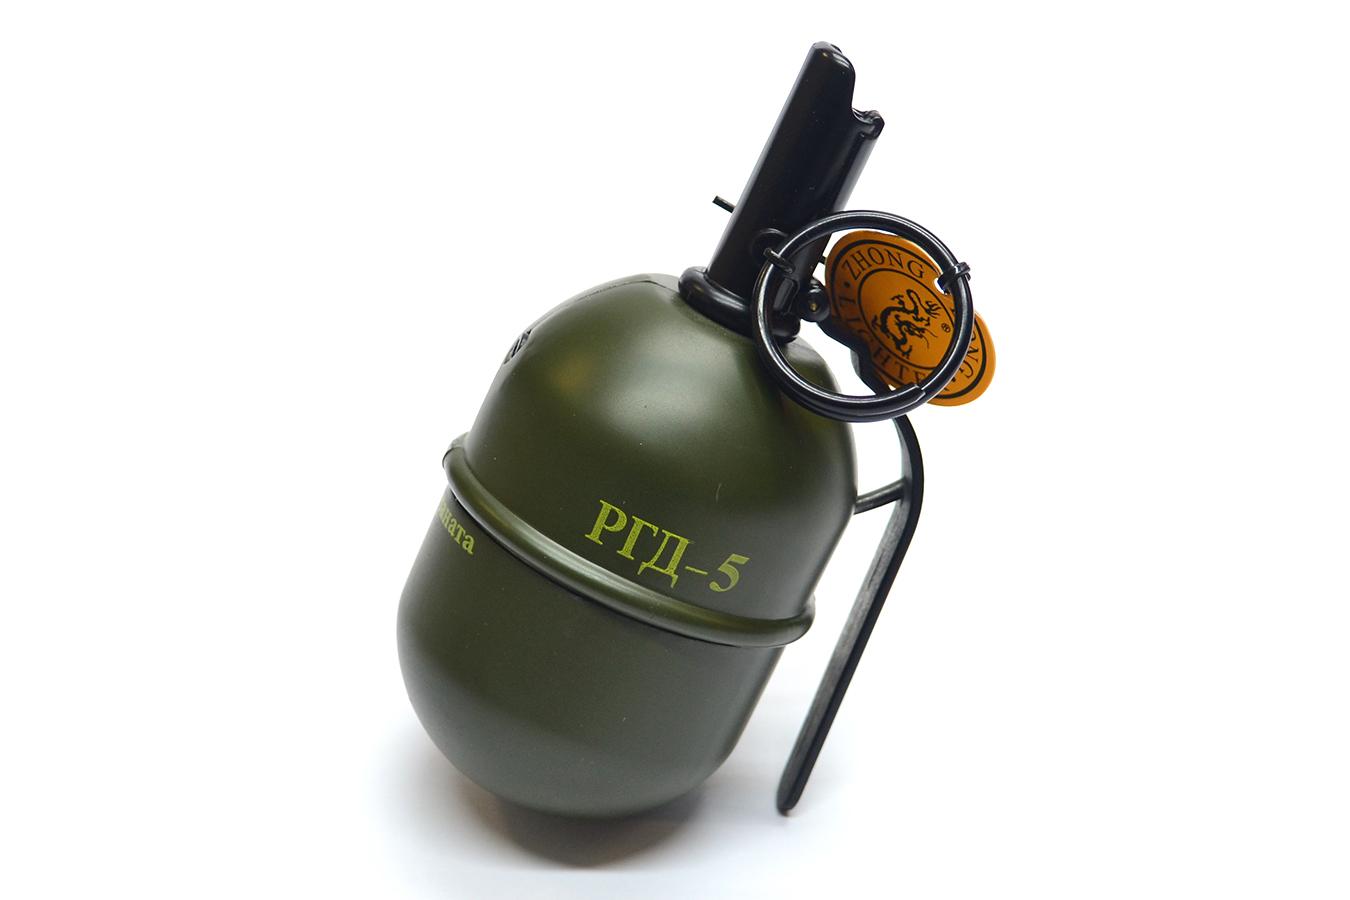 Зажигалка граната РГД-5 изображение 0